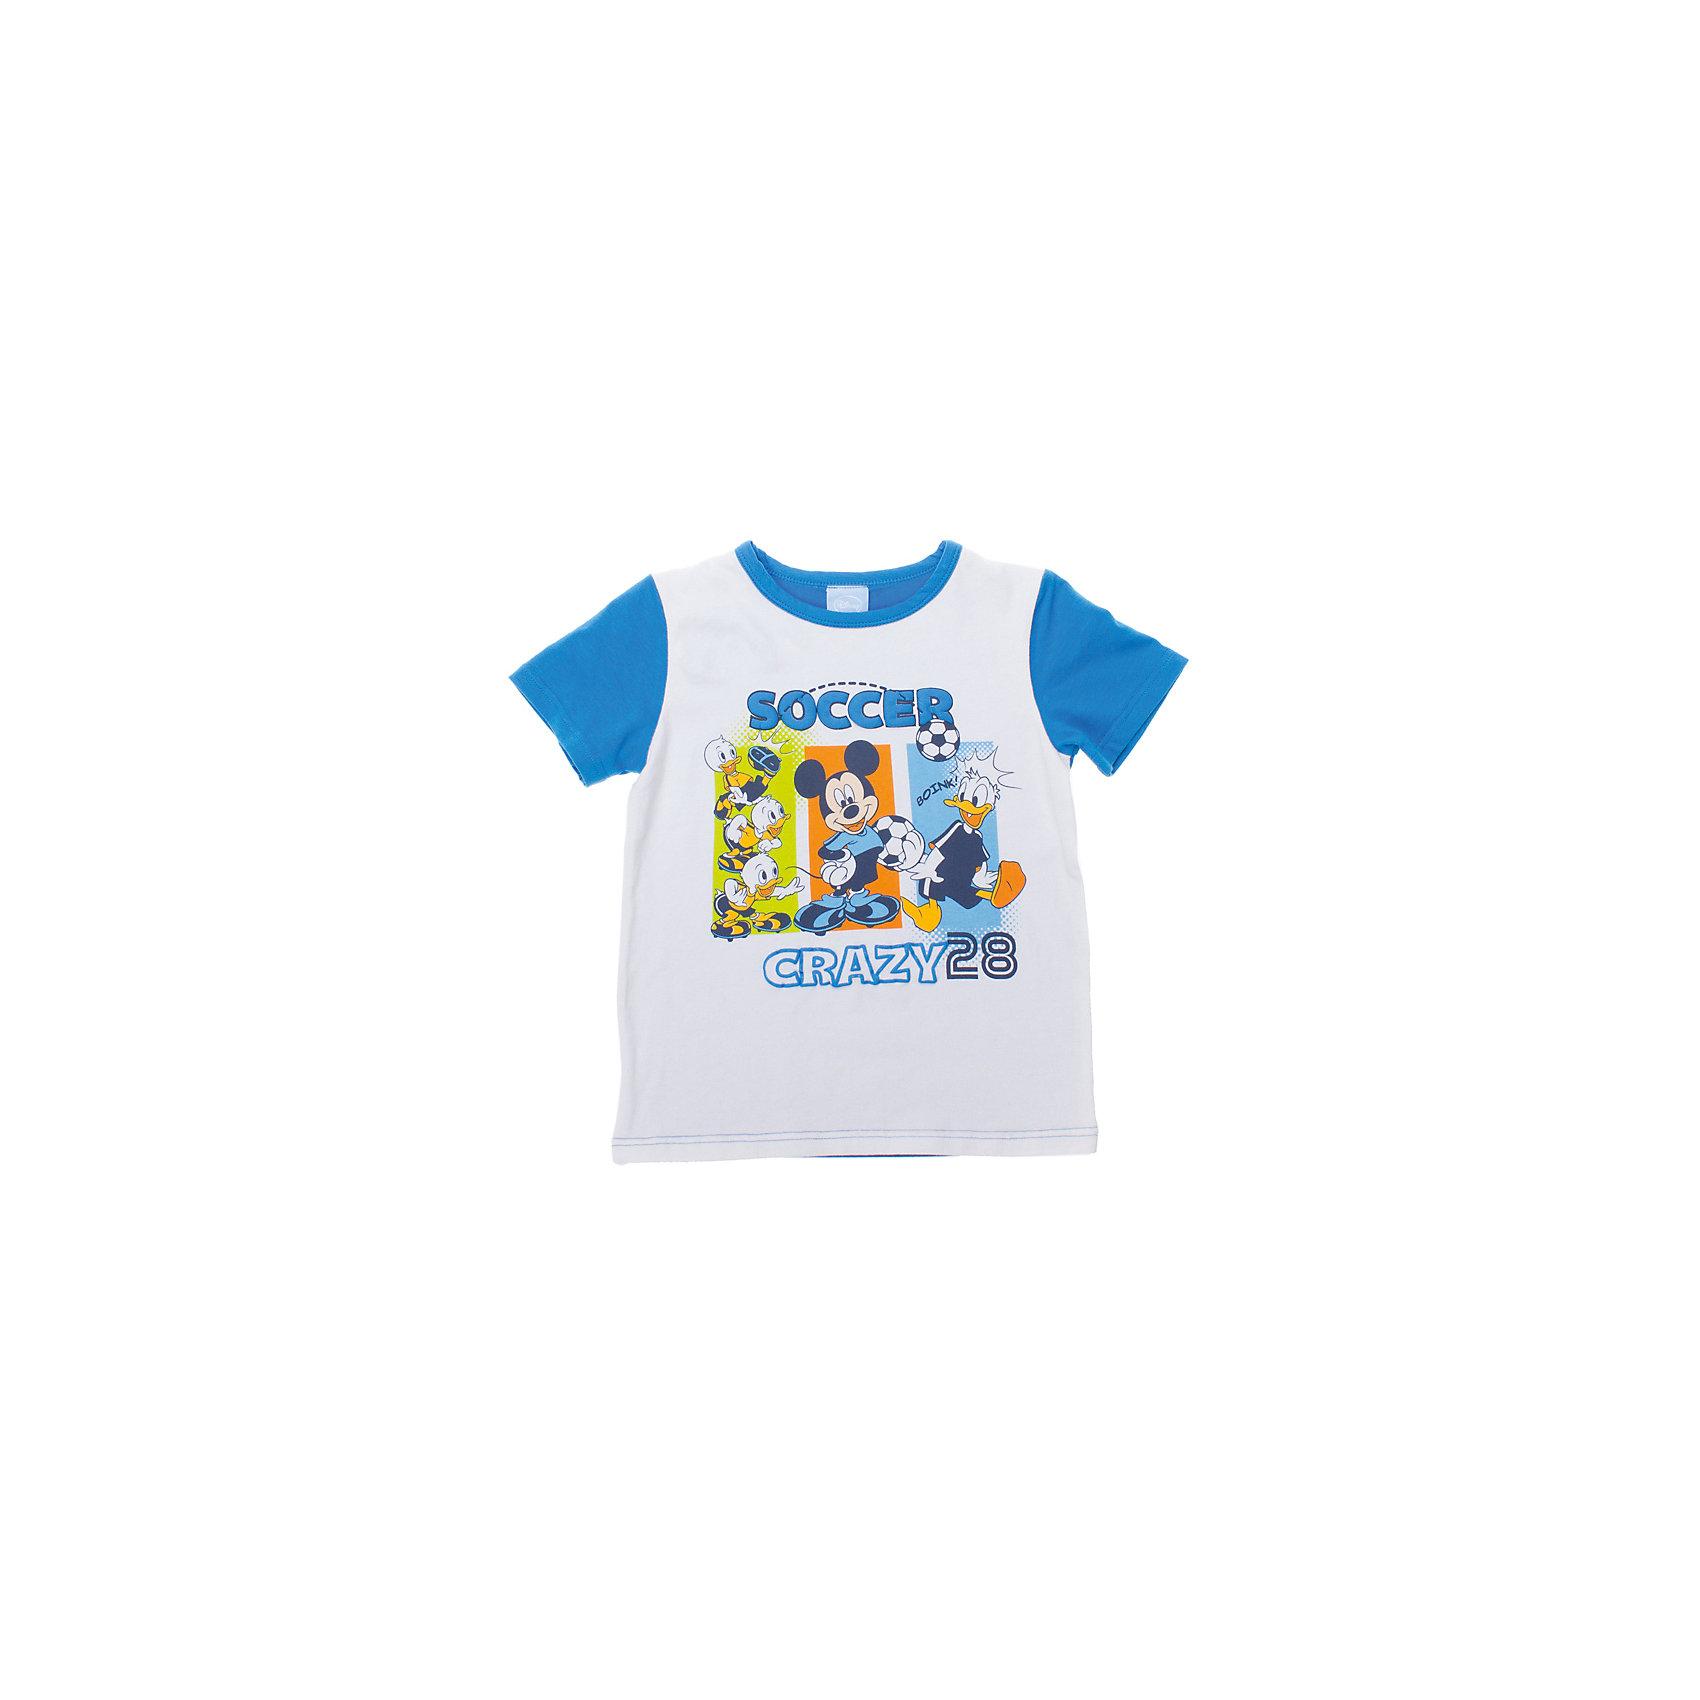 Футболка для мальчика PlayTodayФутболка для мальчика от известного бренда PlayToday<br>Мягкая хлопковая футболка с короткими рукавами. Украшена водным принтом с Микки-Маусом и Дональдом Даком. Рукава и спинка голубого цвета.<br>Состав:<br>95% хлопок, 5% эластан<br><br>Ширина мм: 199<br>Глубина мм: 10<br>Высота мм: 161<br>Вес г: 151<br>Цвет: розовый<br>Возраст от месяцев: 60<br>Возраст до месяцев: 72<br>Пол: Мужской<br>Возраст: Детский<br>Размер: 116,128,98,104,110,122<br>SKU: 4789887